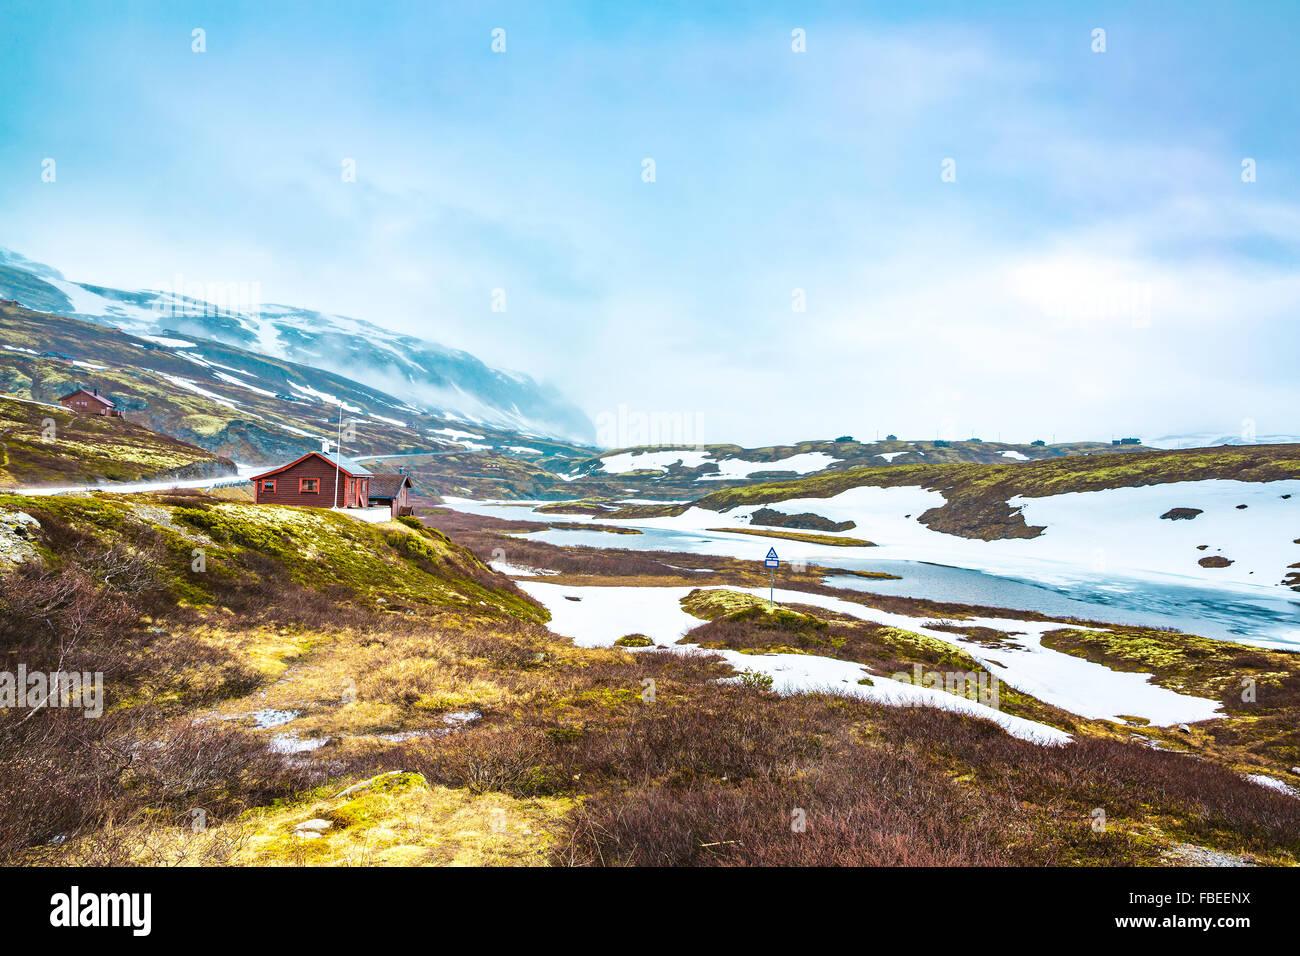 Norwegen-Landschaft, einem kleinen Dorf in schlechtem Wetter Schneesturm und Nebel in den Bergen. Wunderschöne Stockbild